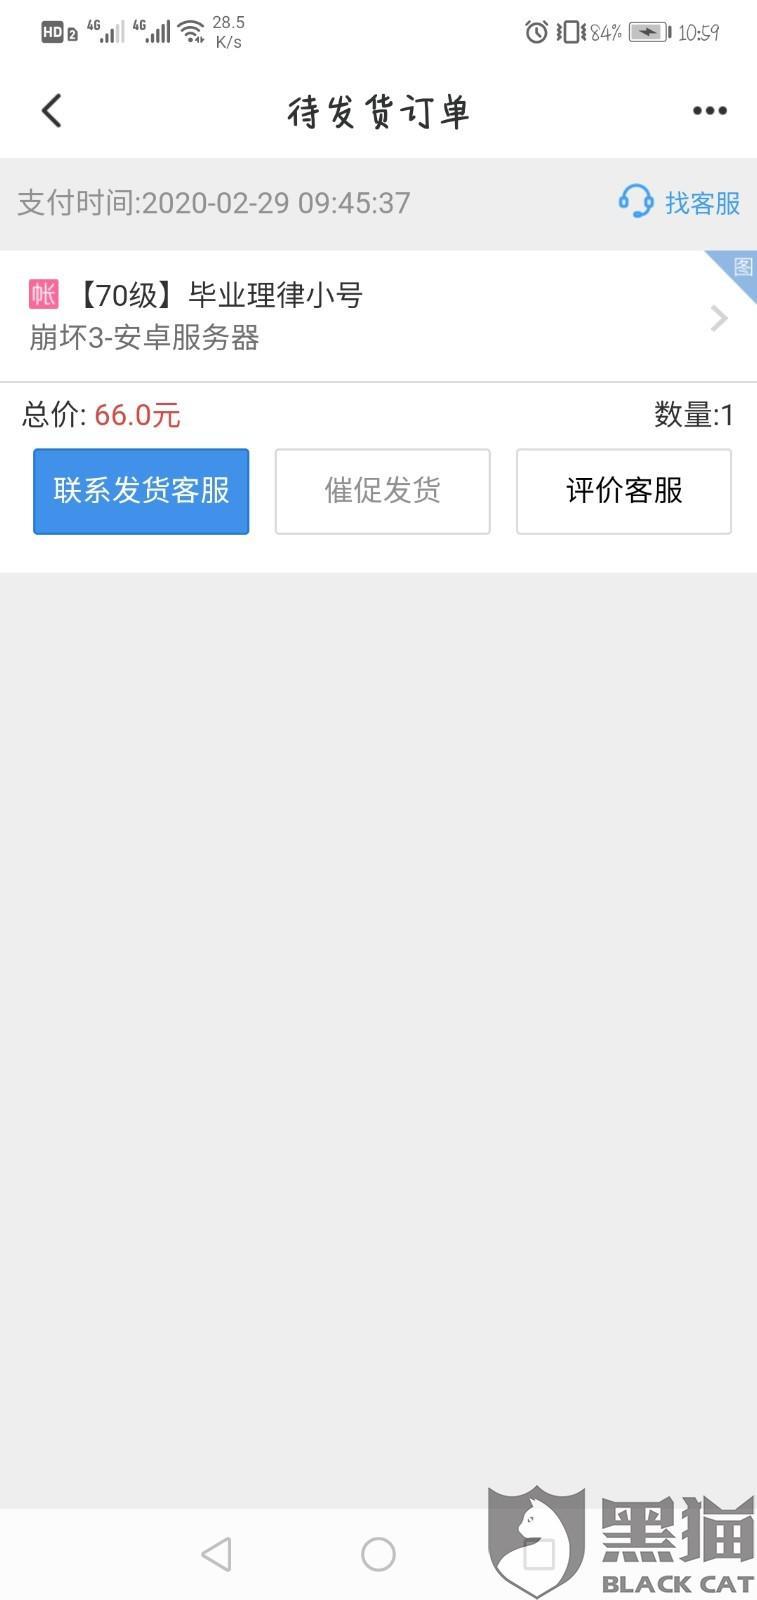 黑猫投诉:交易猫崩坏3账号,商品名称【70级】毕业理律小号